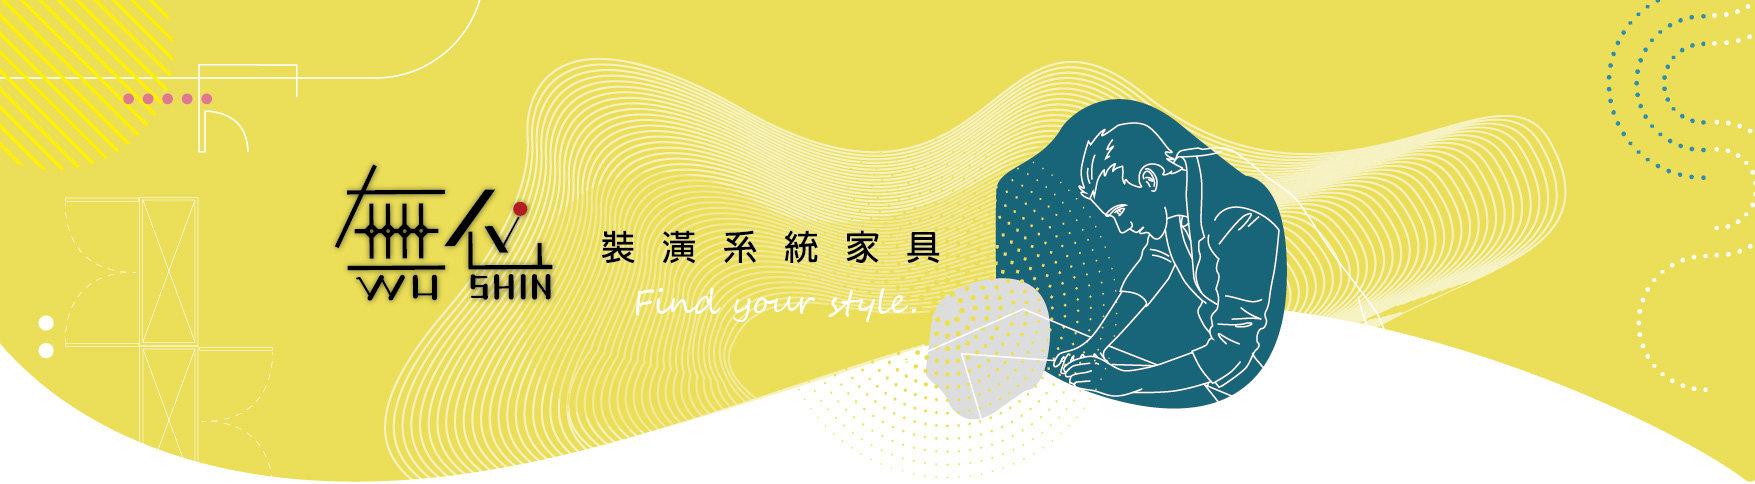 無心官網banner-03.jpg